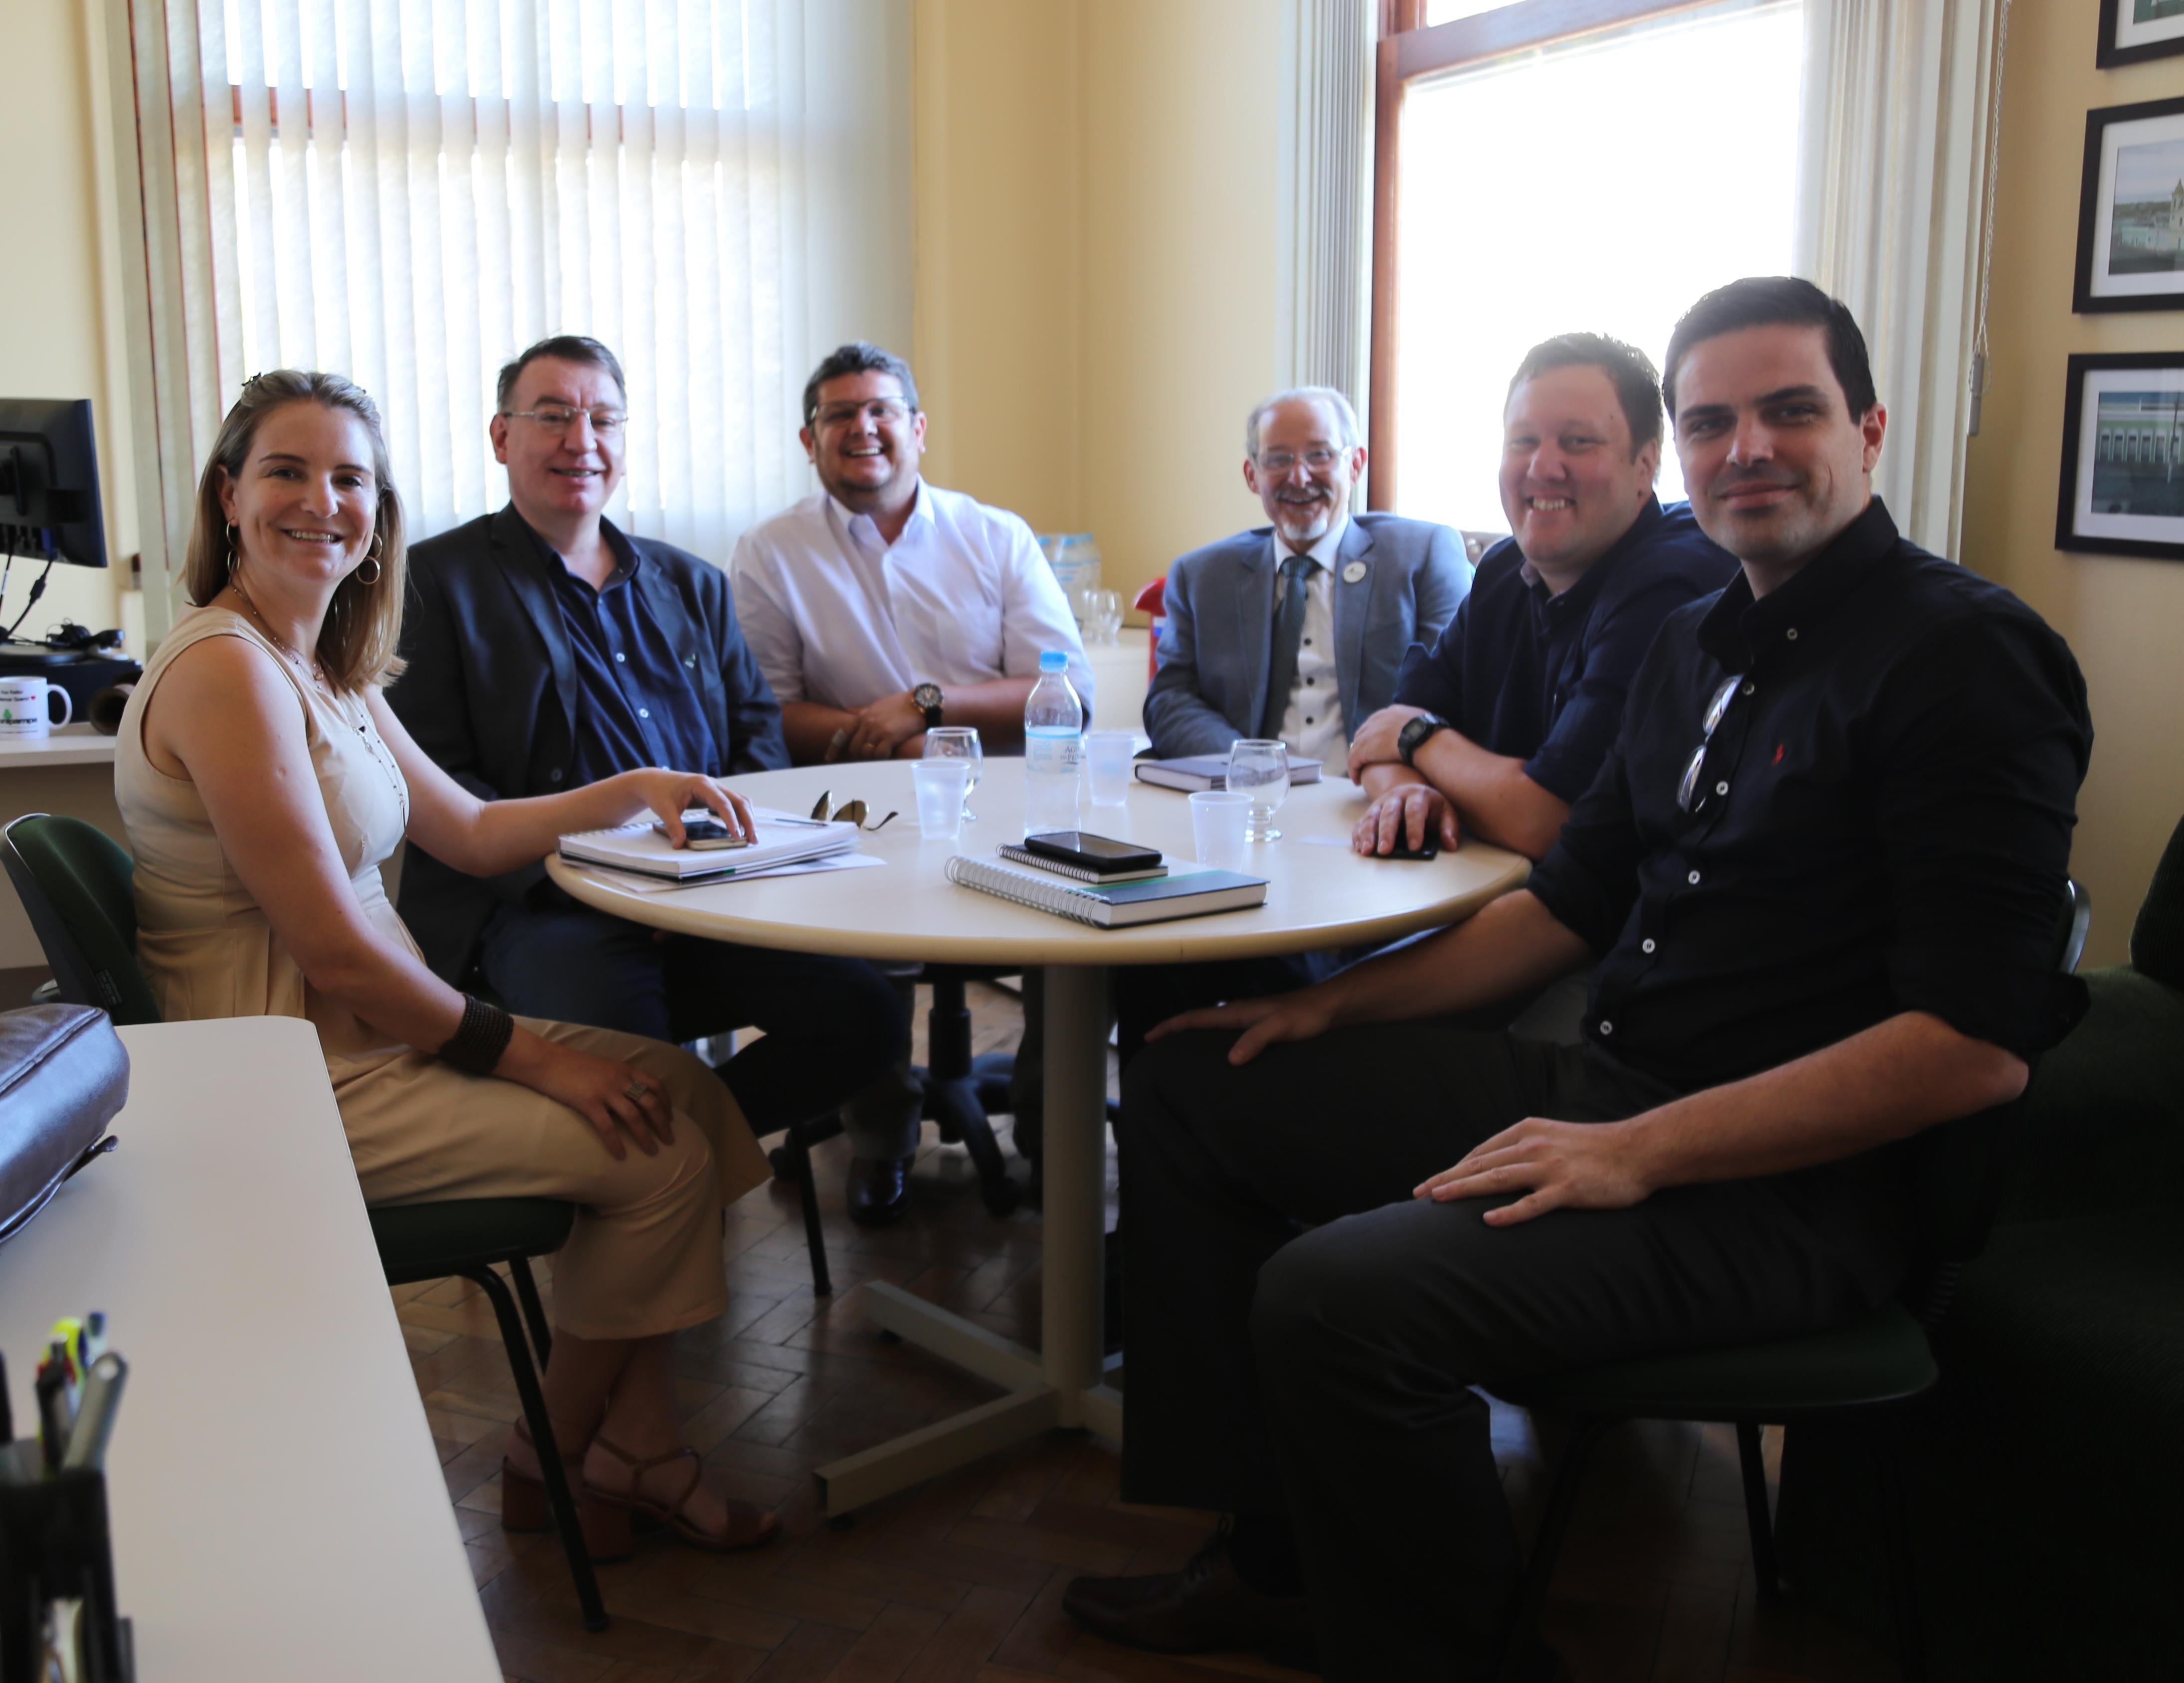 Reunião entre a UFFS e a Prograd da Unipampa - Foto: Franceli Couto/Unipampa